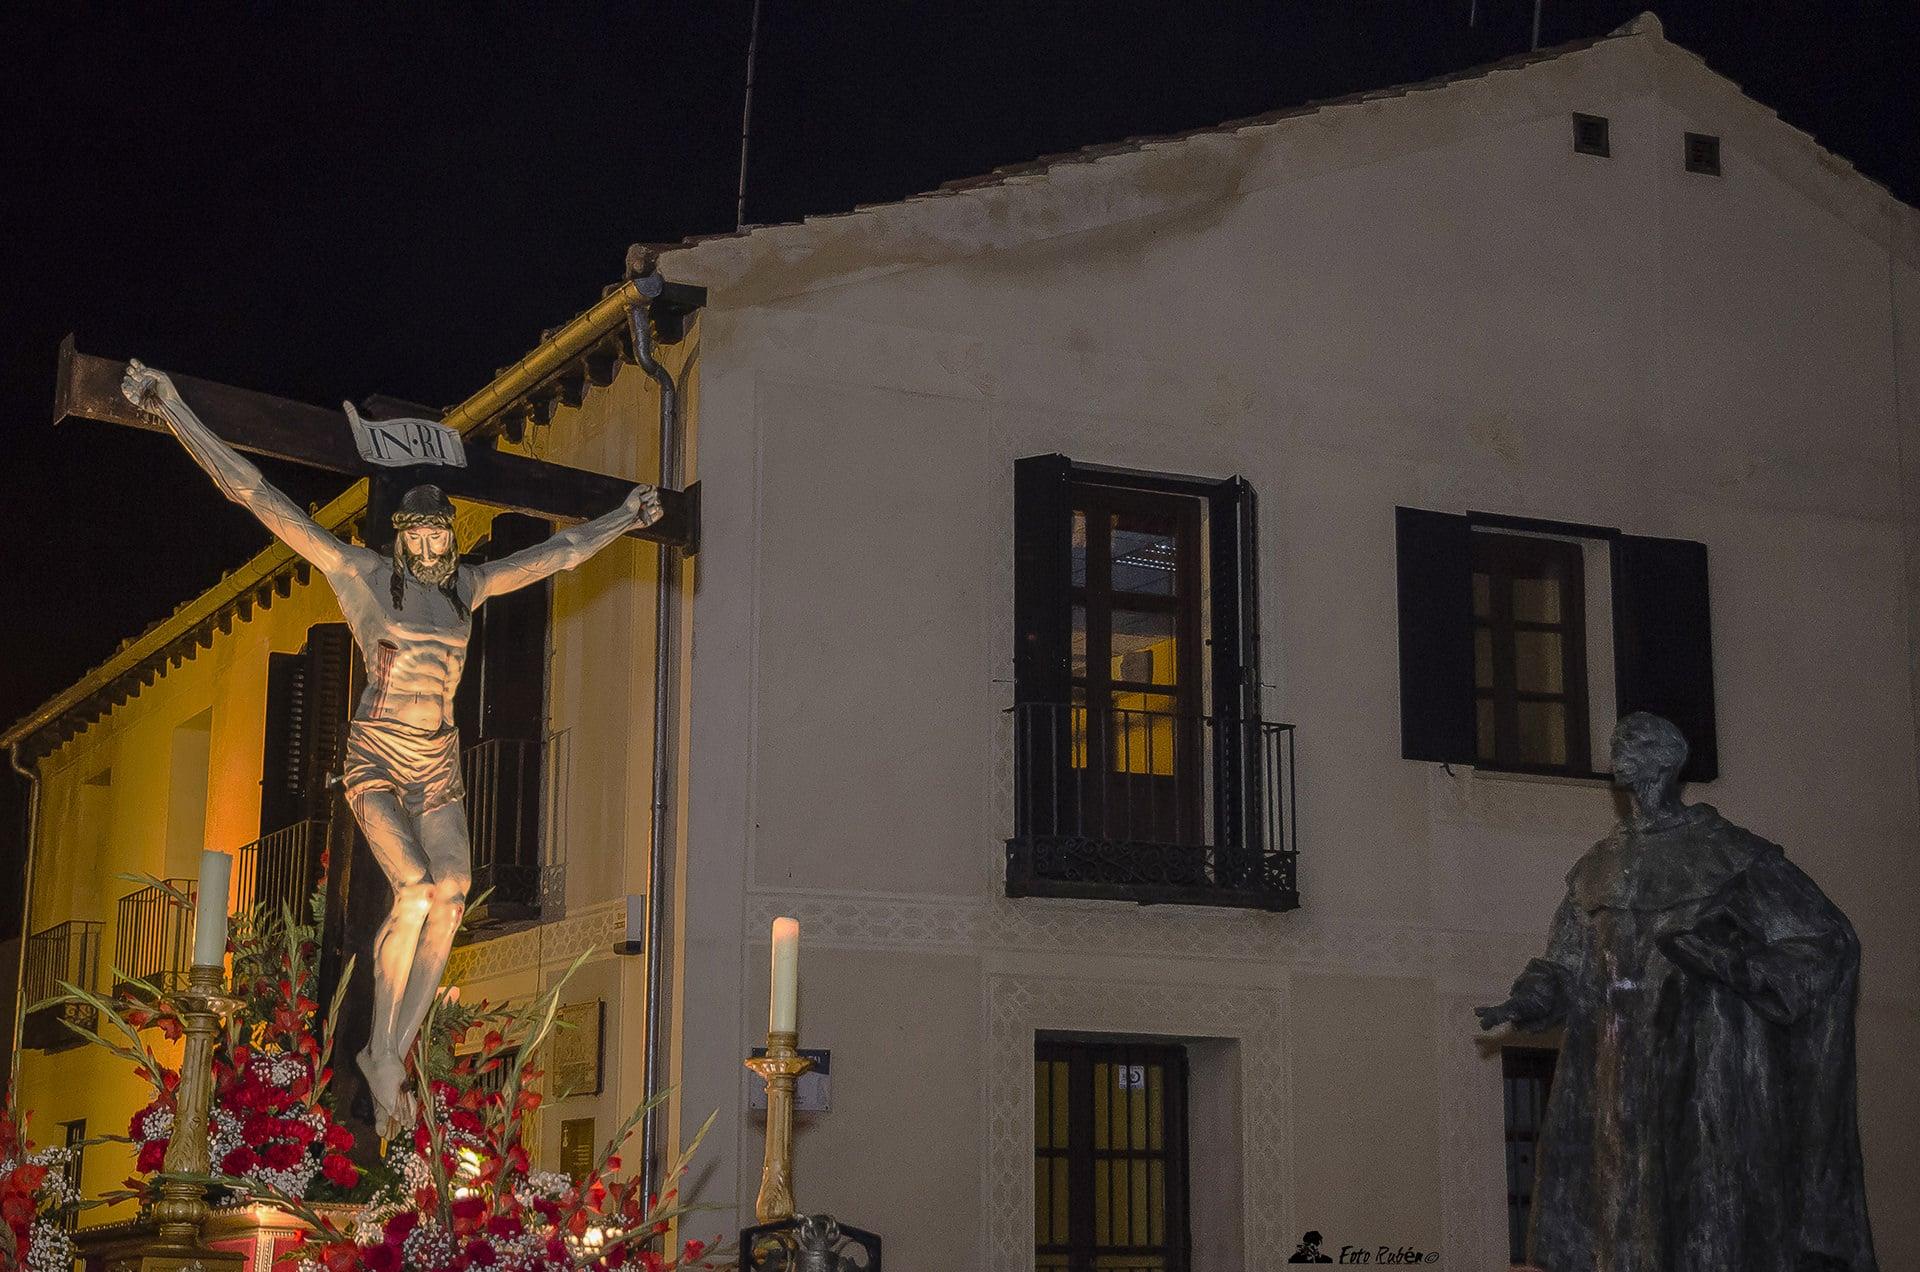 Santo Via Crucis y Procesión con la Imagen del Santo Cristo de la Paciencia, Segovia 4